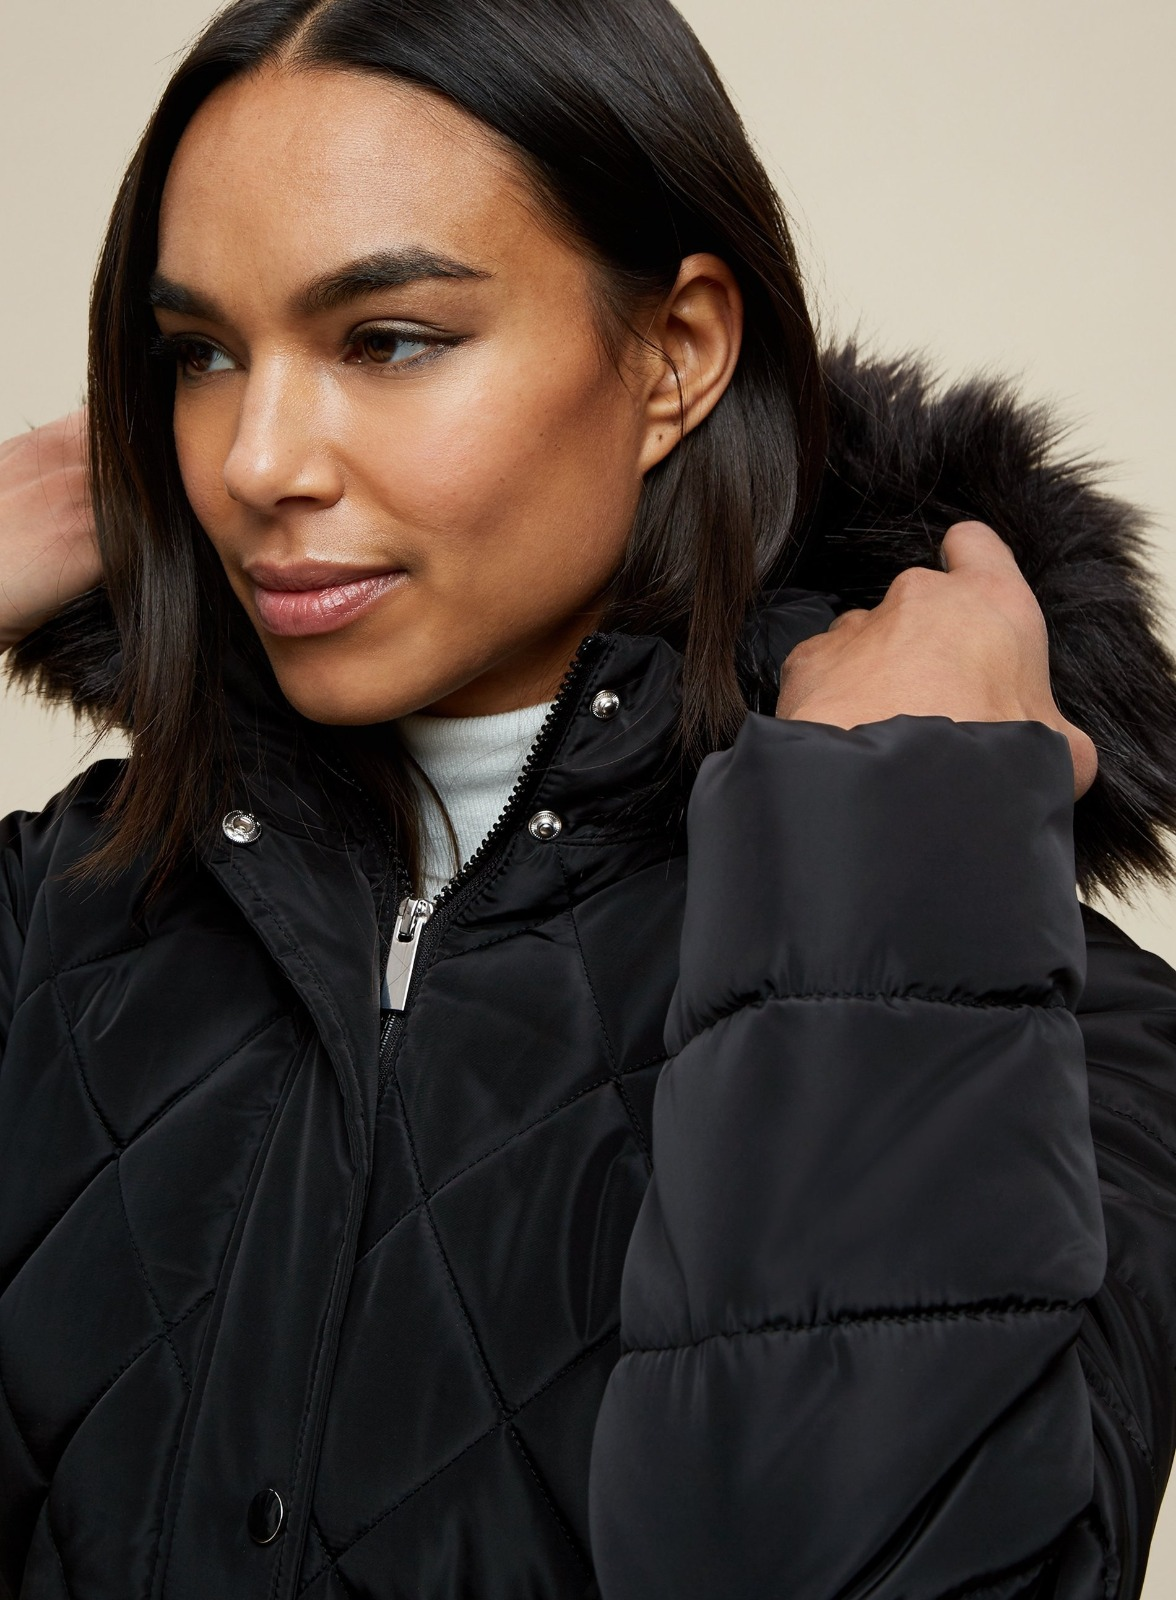 miniature 16 - DP Femme Noir Hiver Court Fourrure Veste Matelassée Manteau Taille 8 10 12 14 16 18